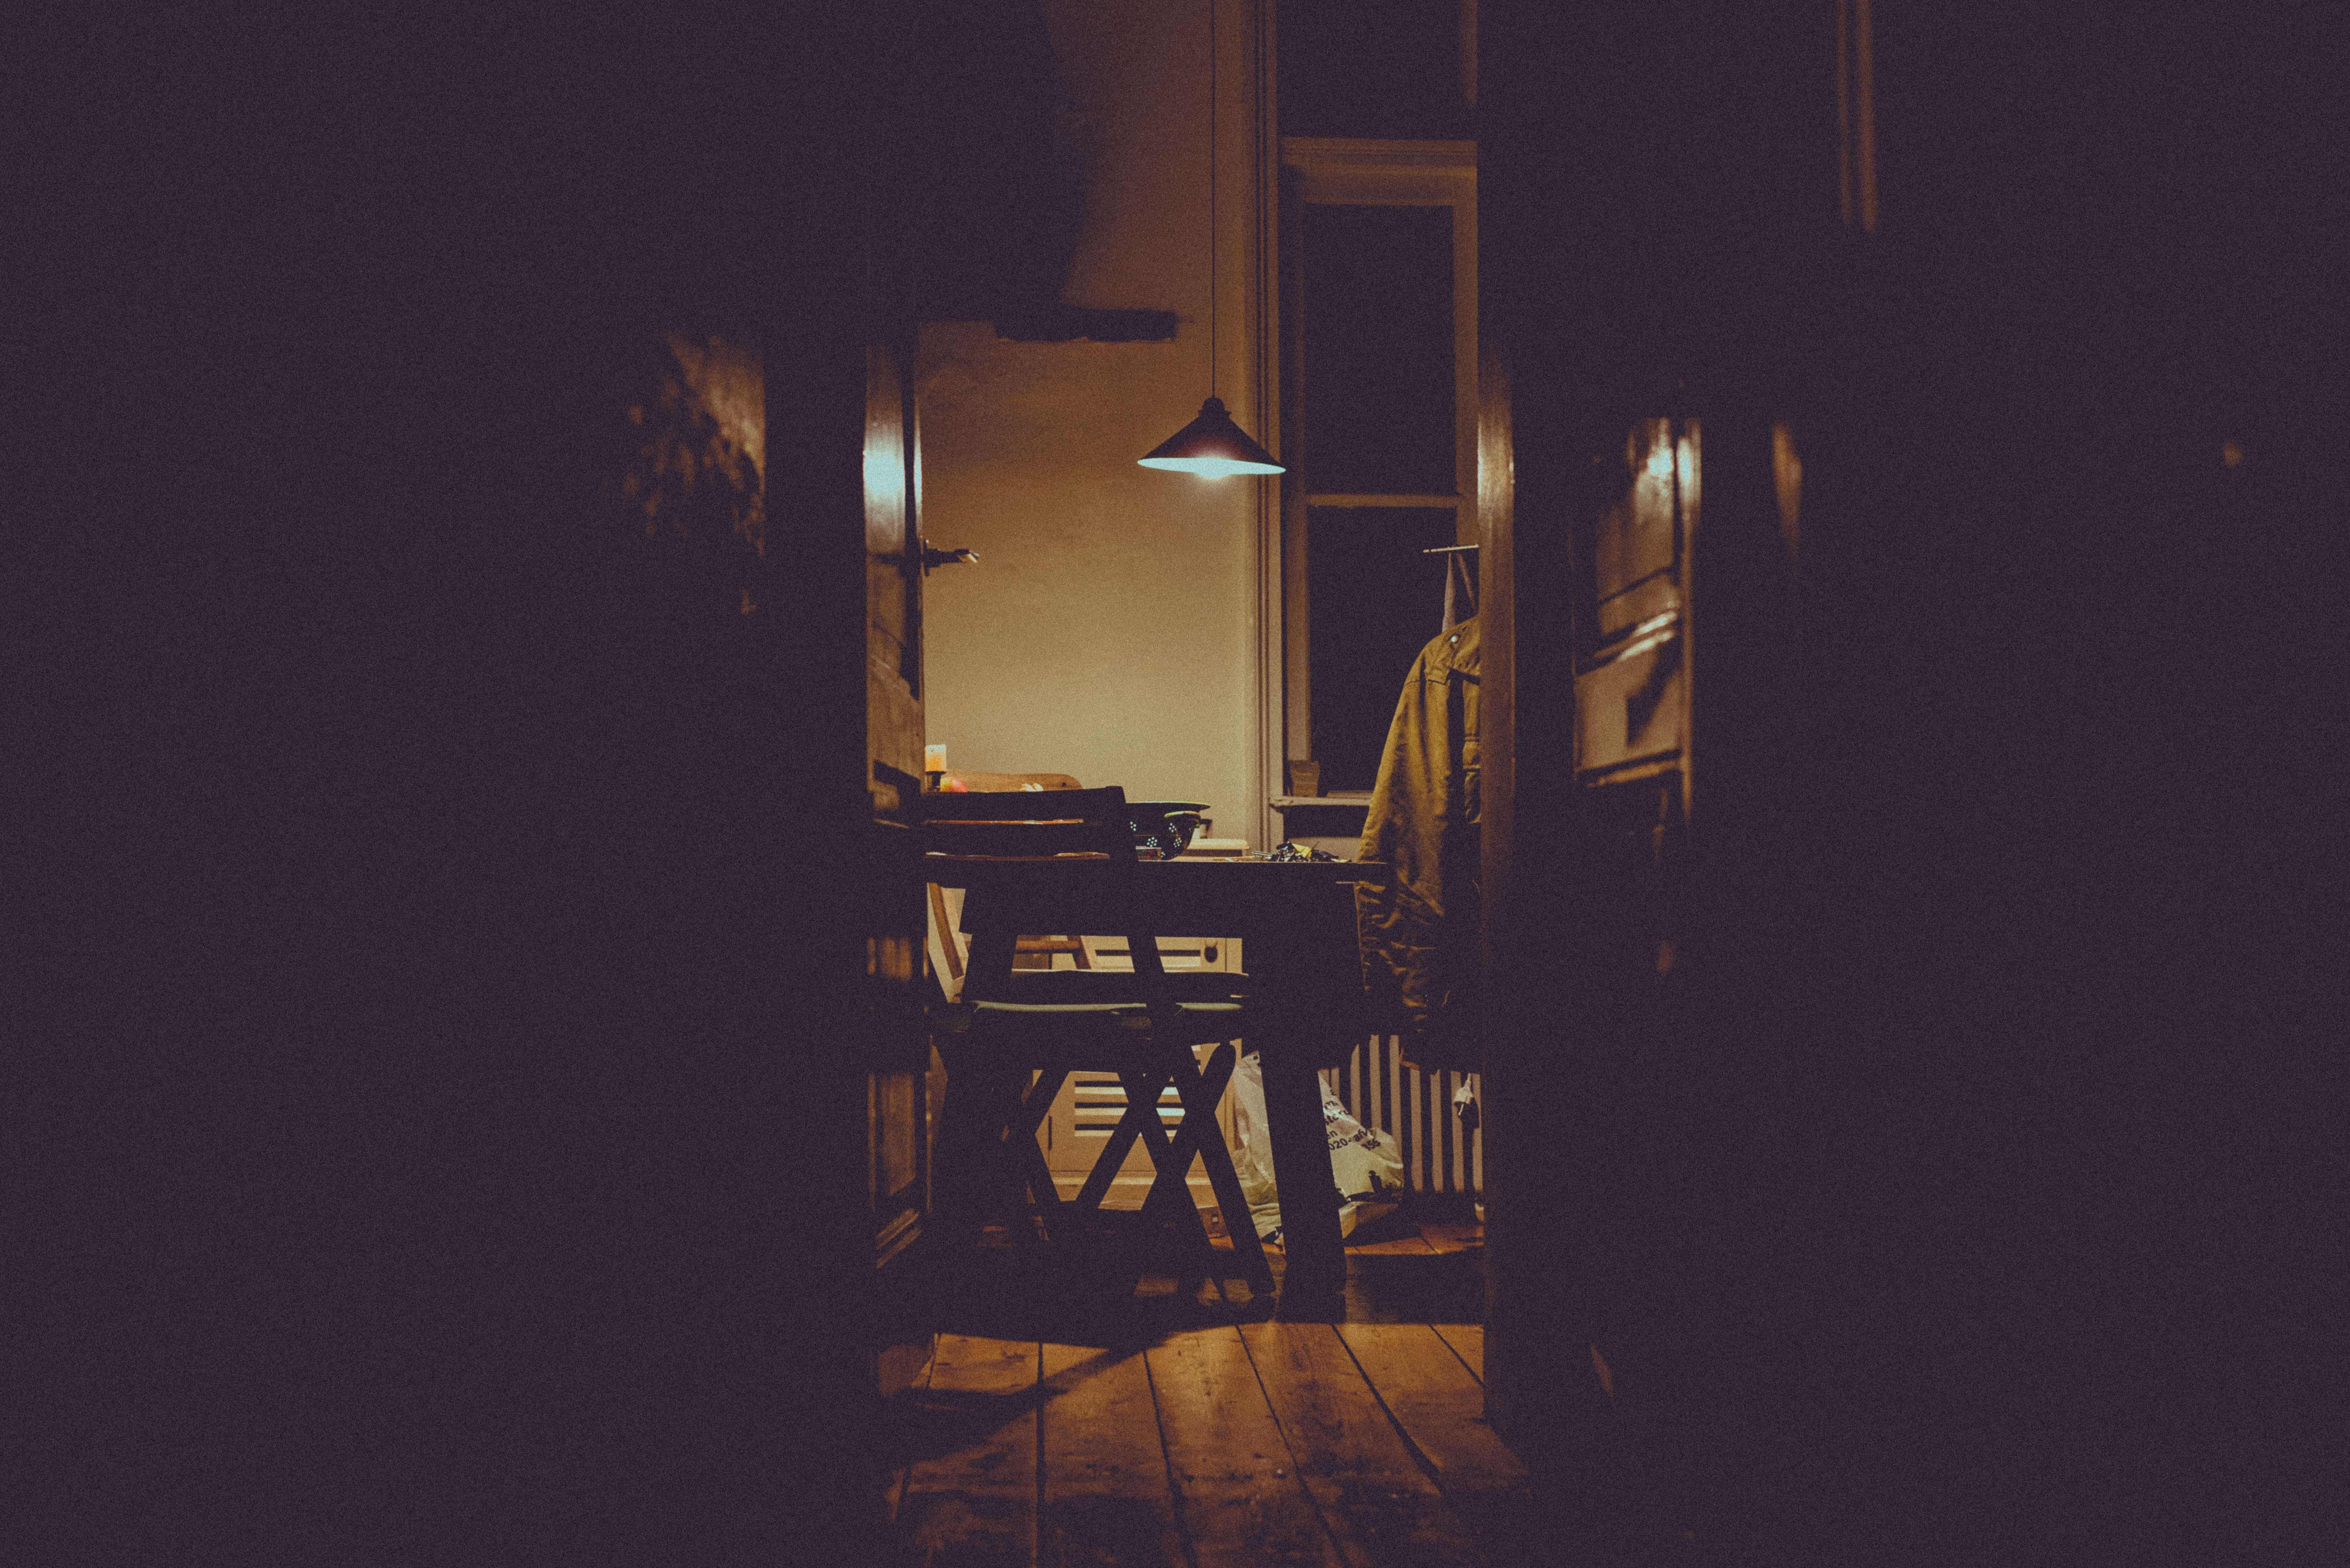 間接照明を導入し、夜を快適に過ごす方法を紹介する